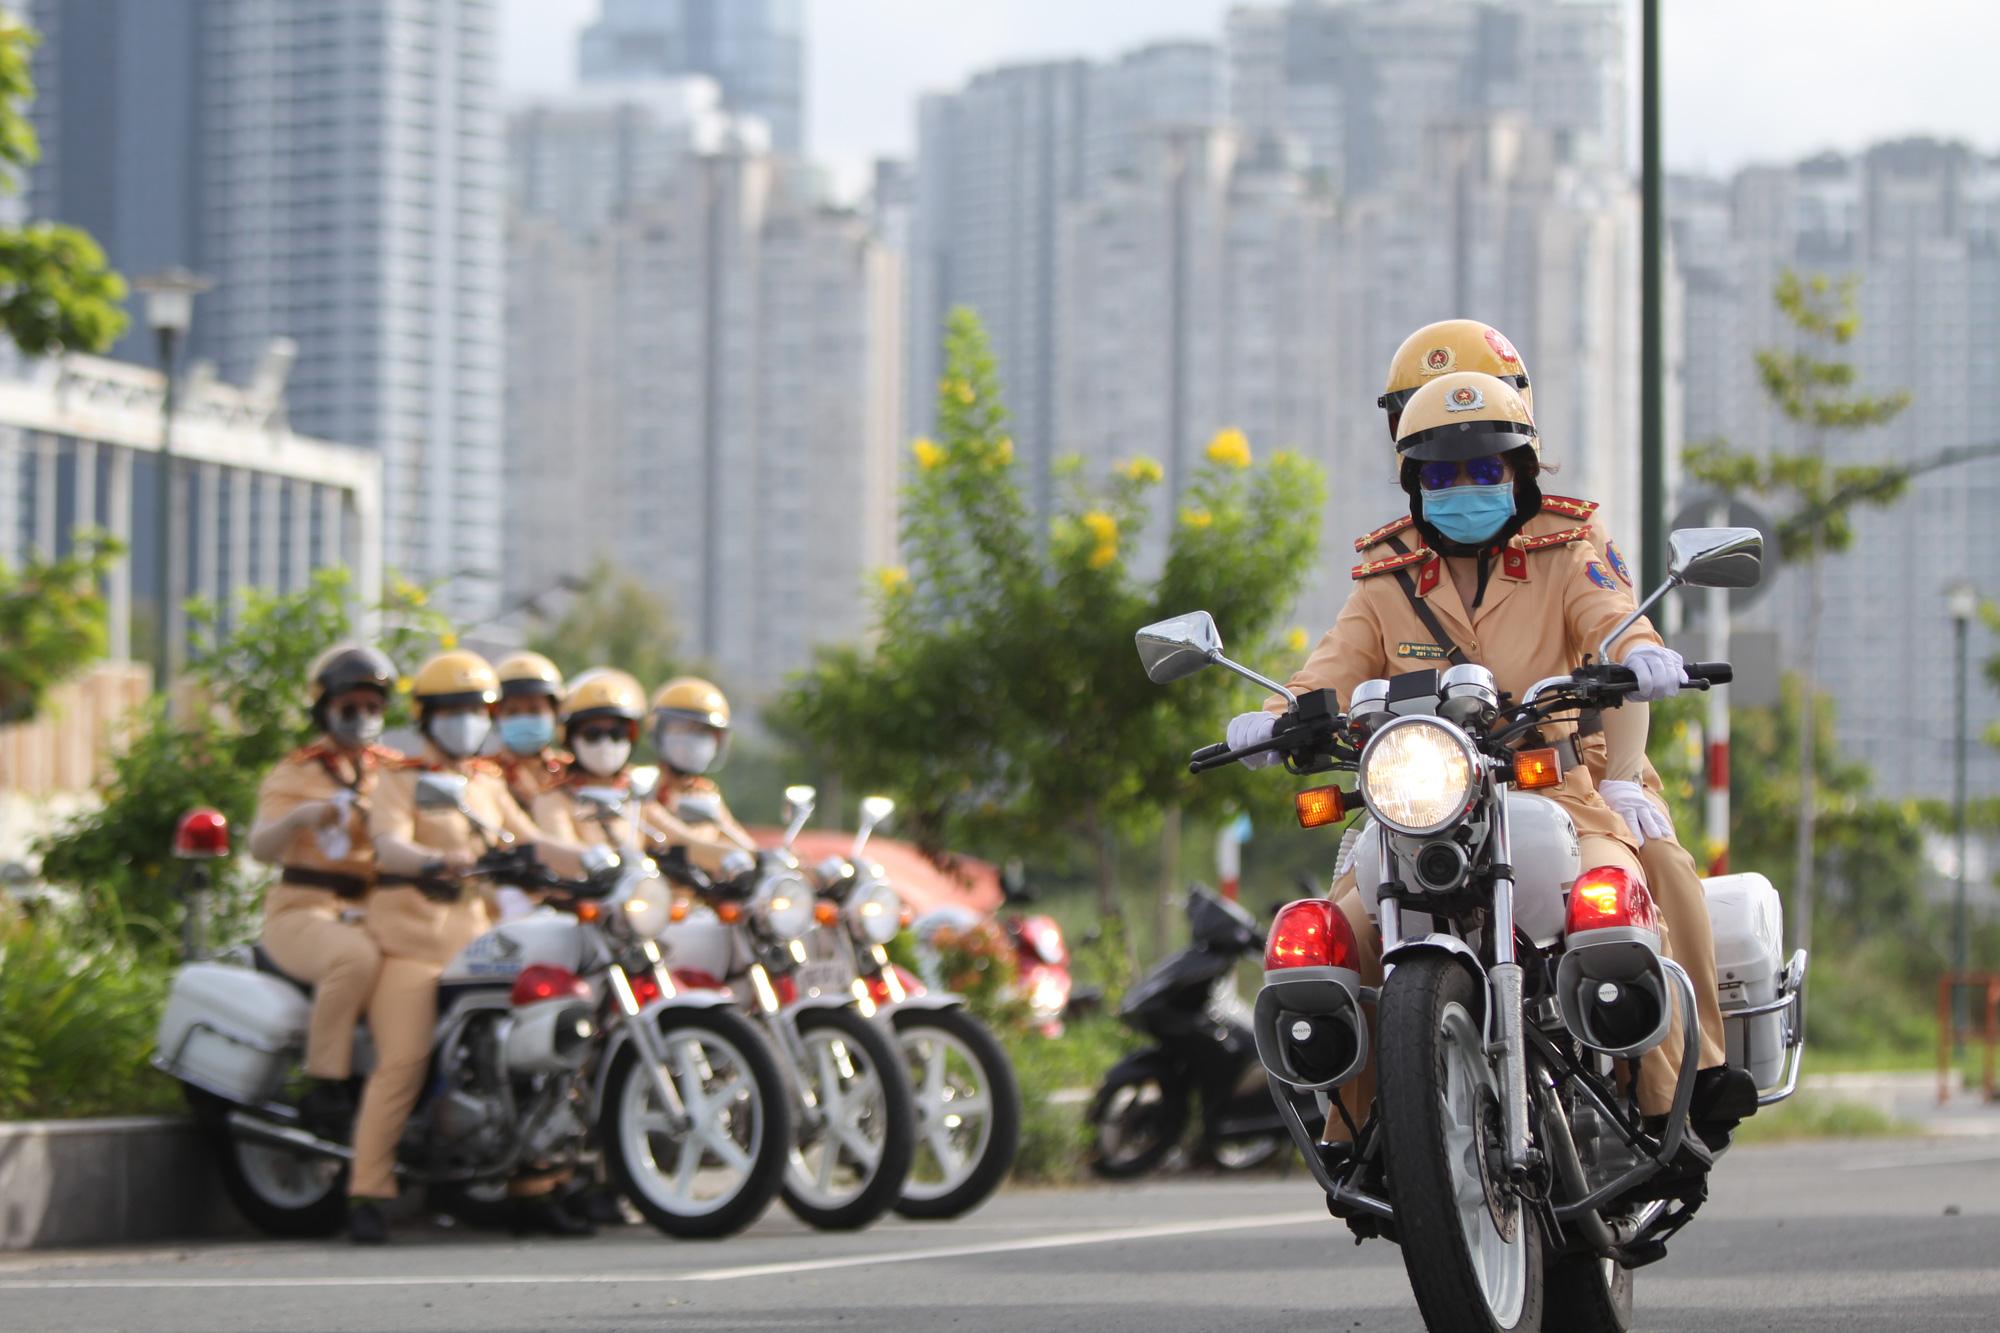 [eMagazine] Ngỡ ngàng với kỹ năng điều khiển mô tô của đội nữ CSGT dẫn đoàn đầu tiên - Ảnh 10.